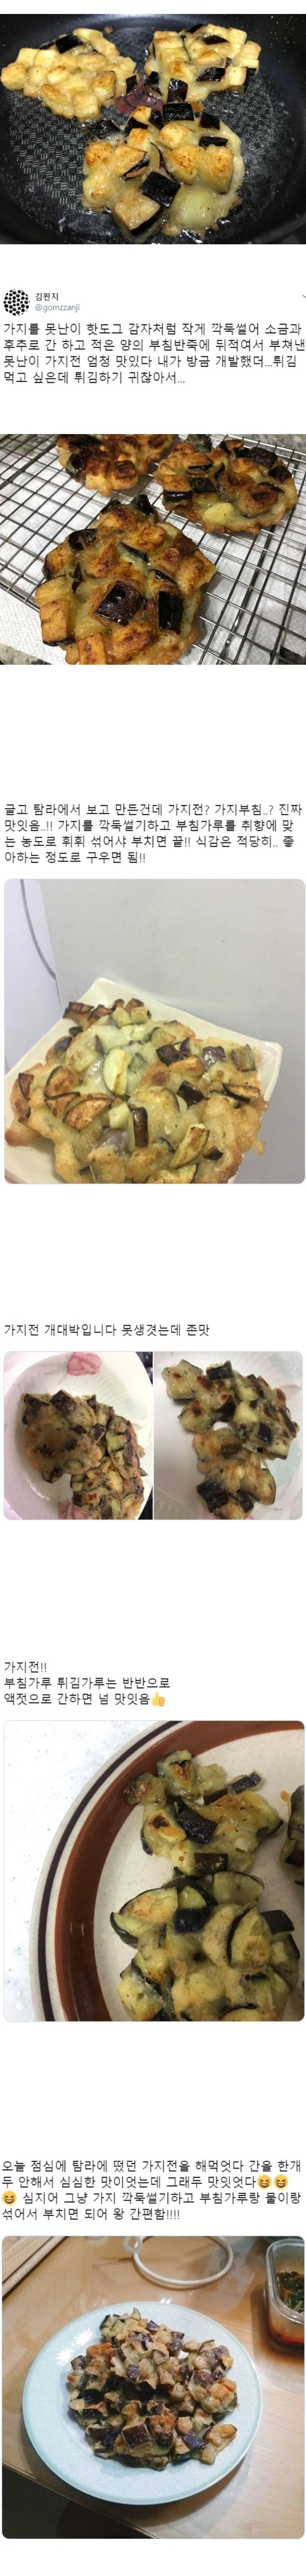 트위터식 가지전.jpg 서현 | 인스티즈